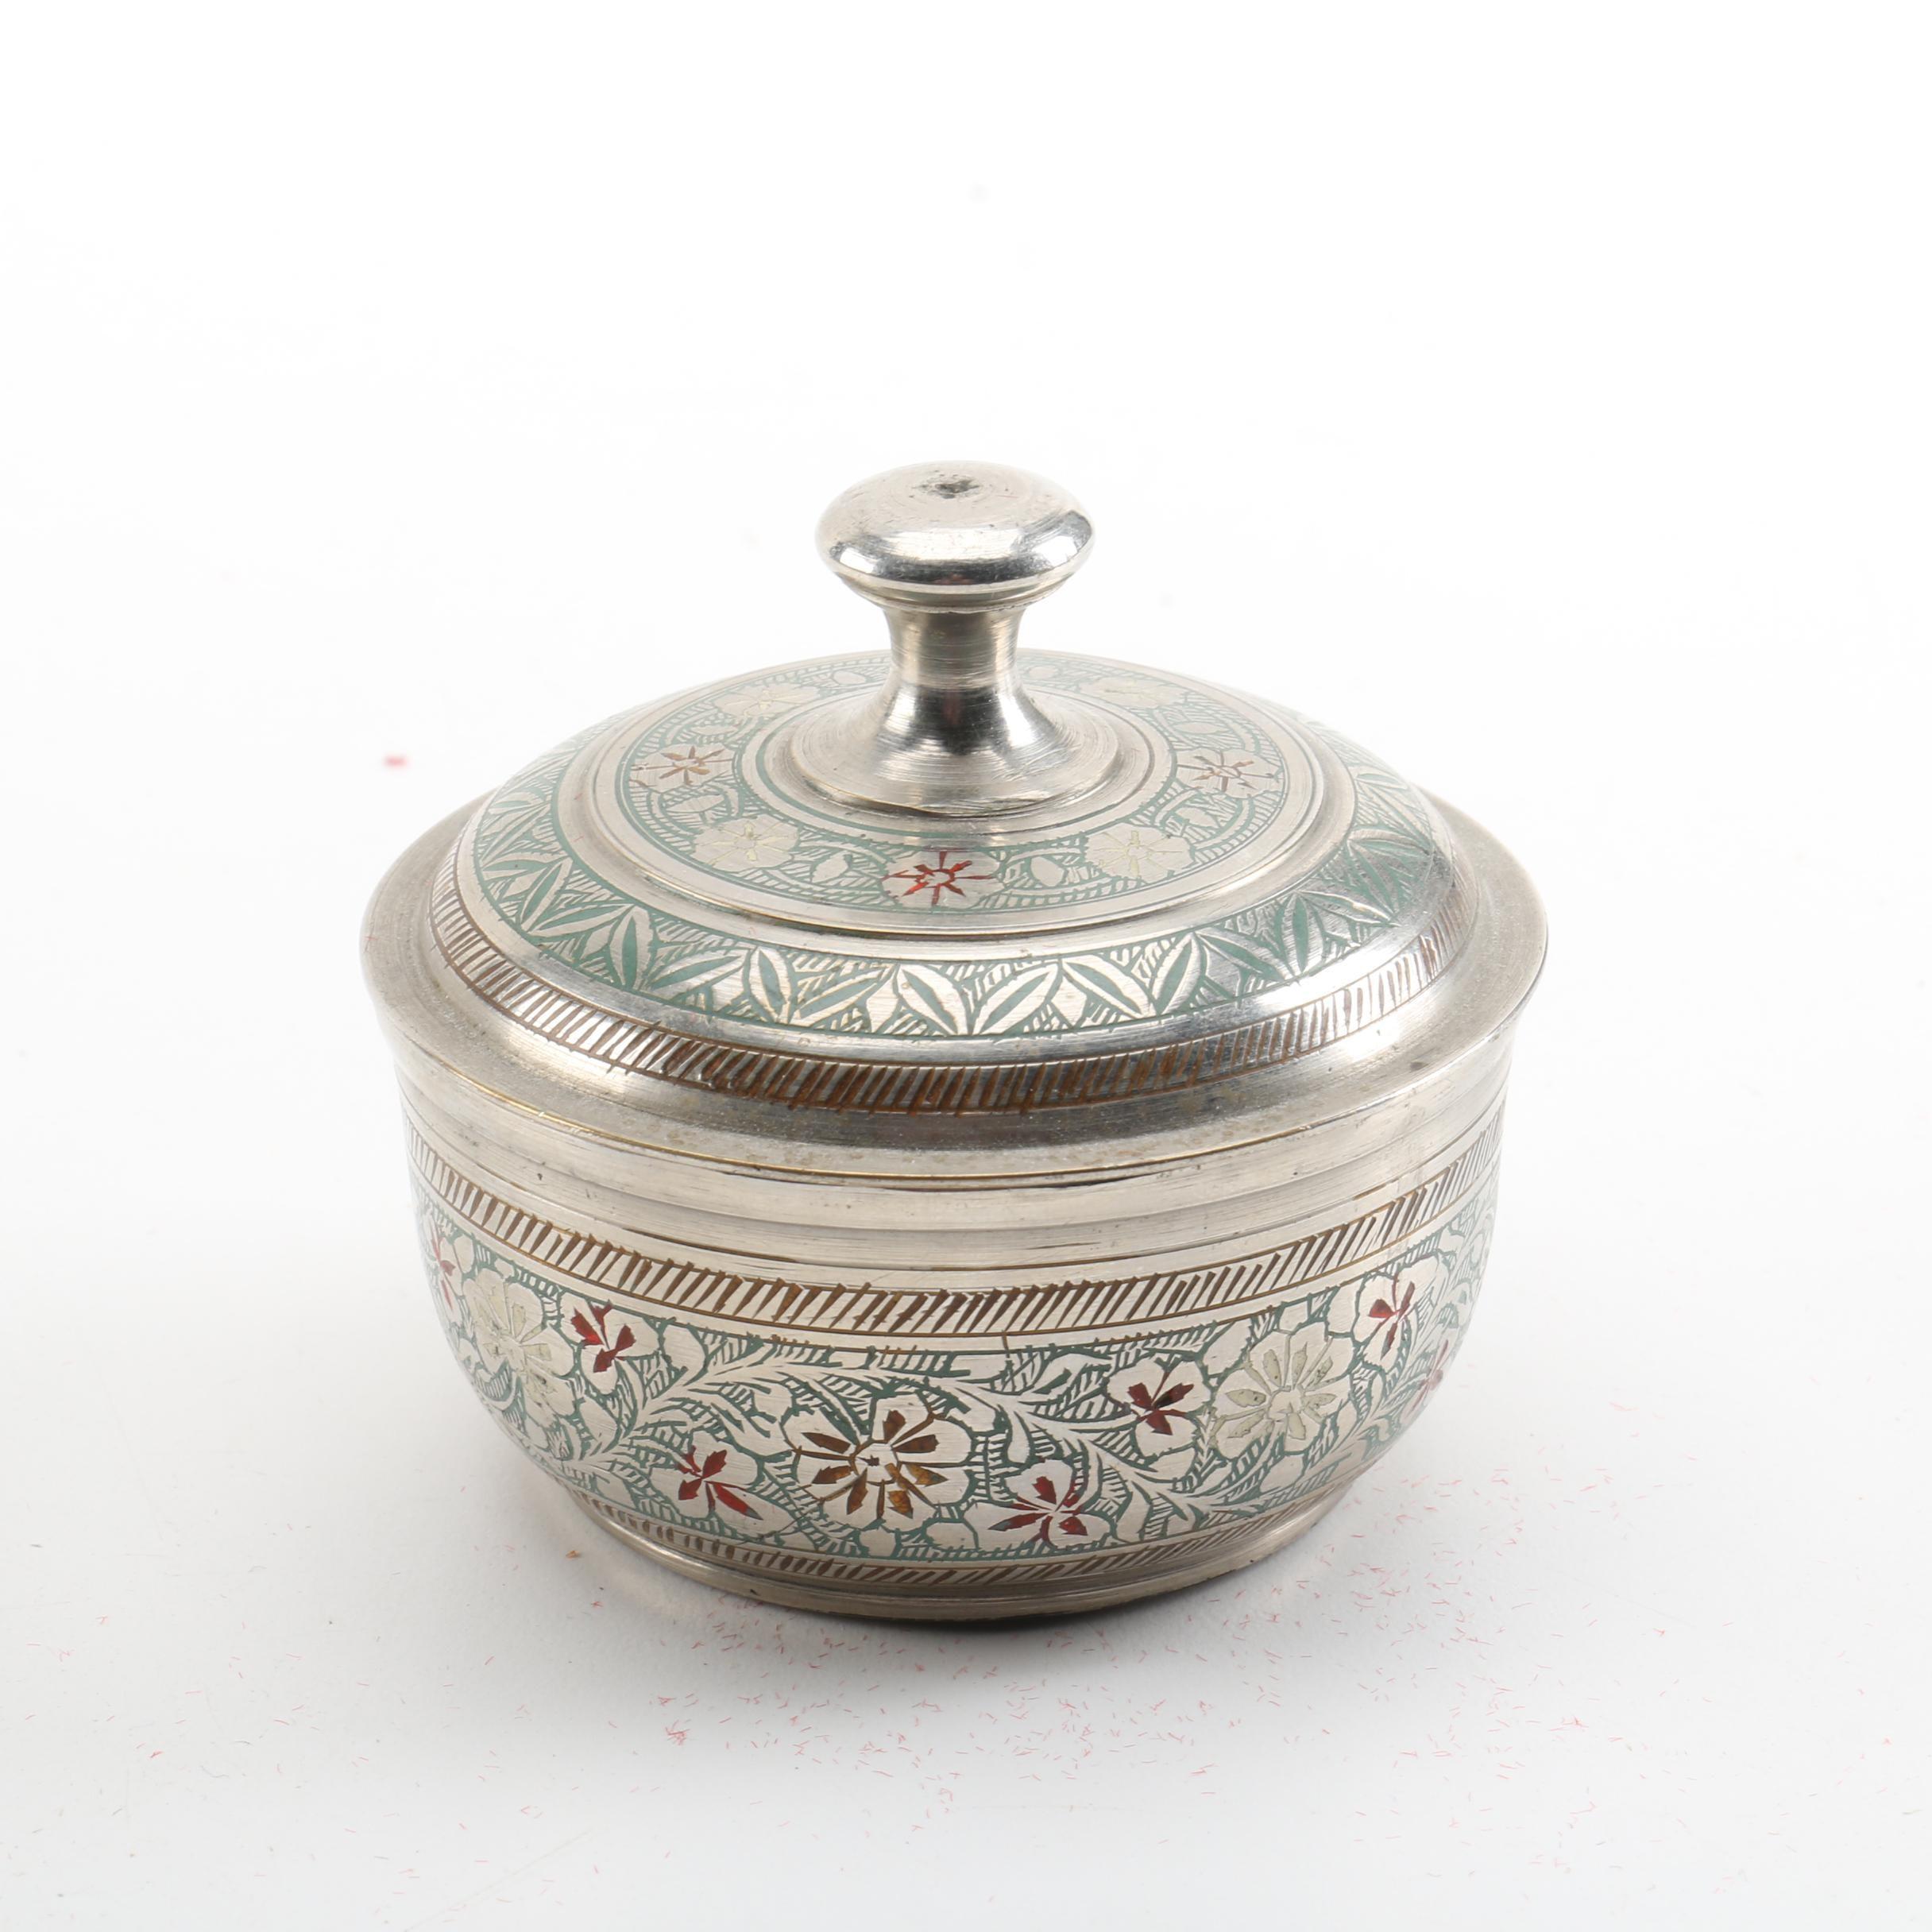 Floral Motif Metal Lidded Jar